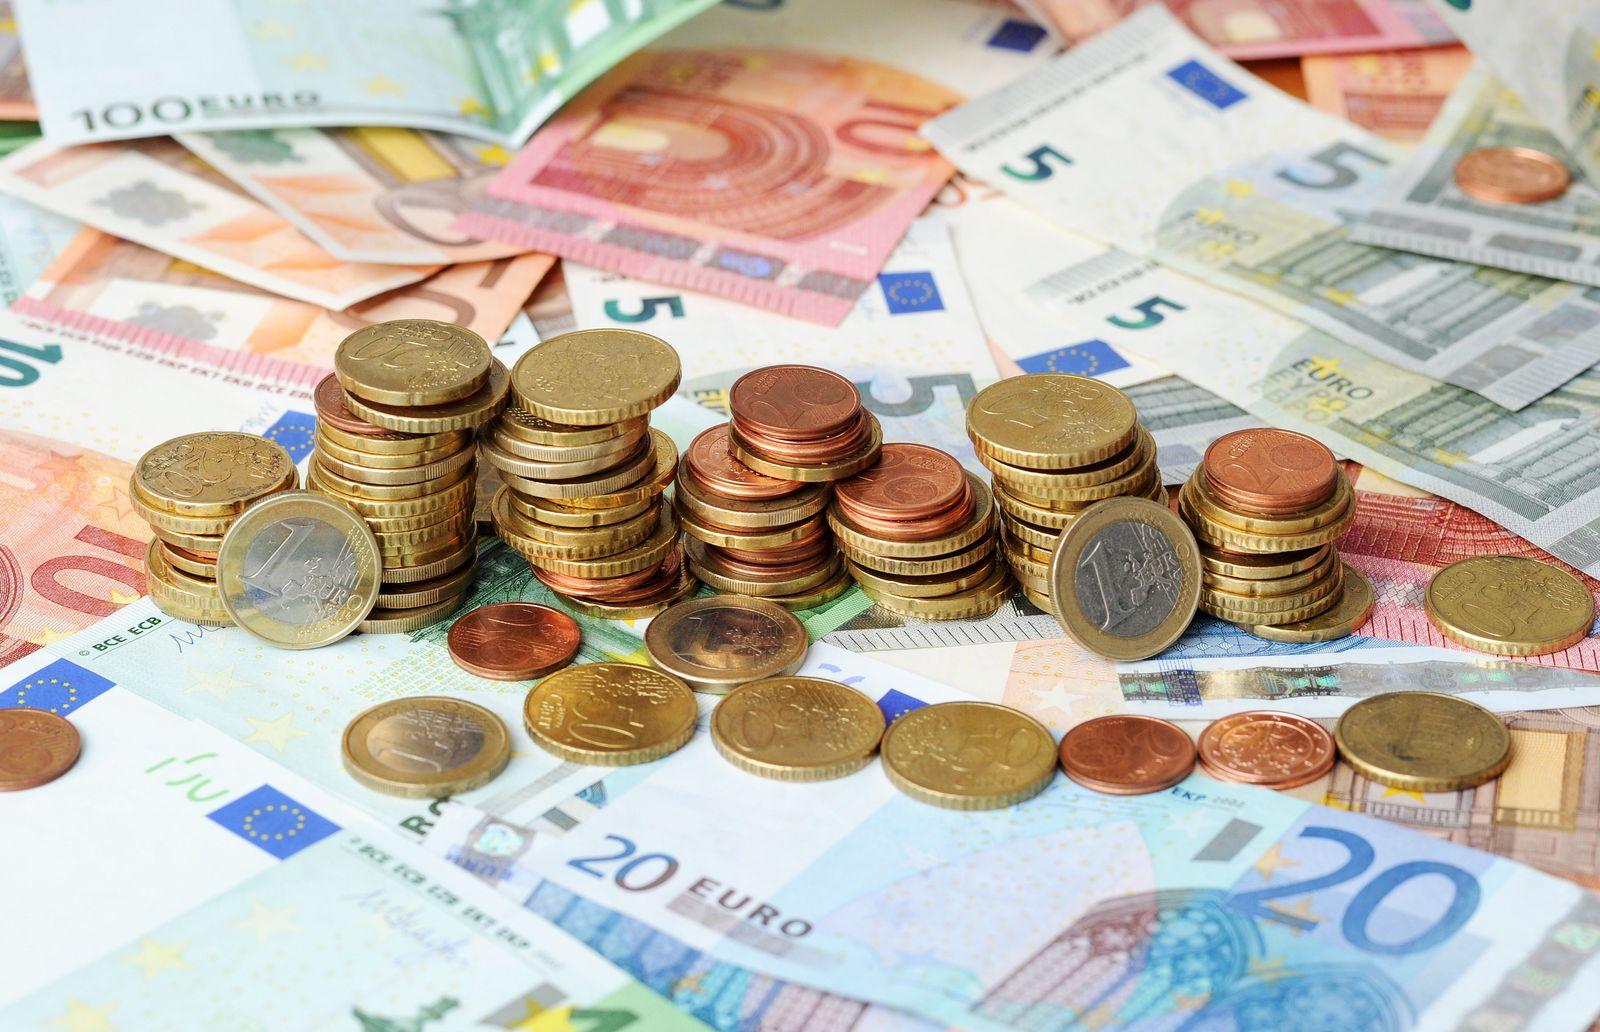 Geld / Münzen / Euro-Scheine / Steuererklärung / Steuersparen / Steuer